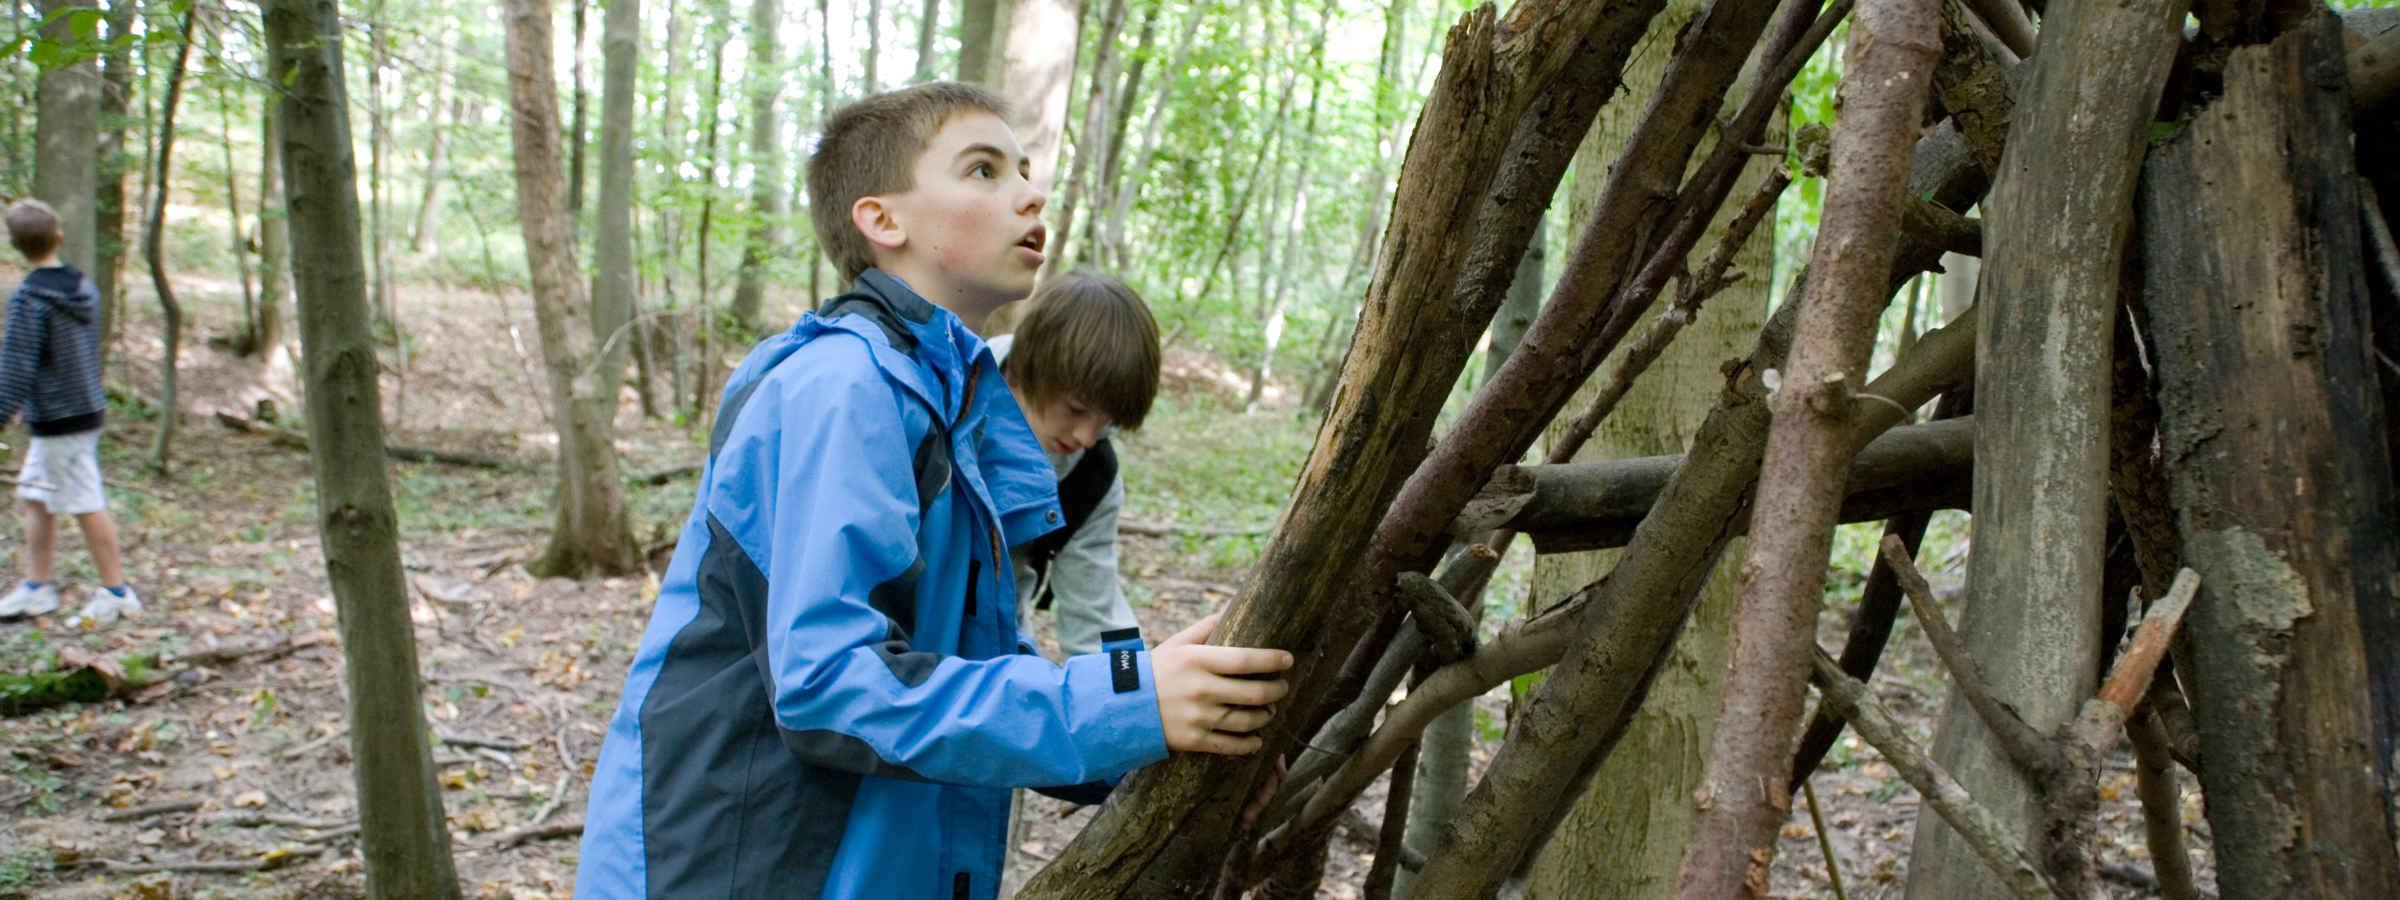 Zwei Jungen bauen eine Hütte im Wald